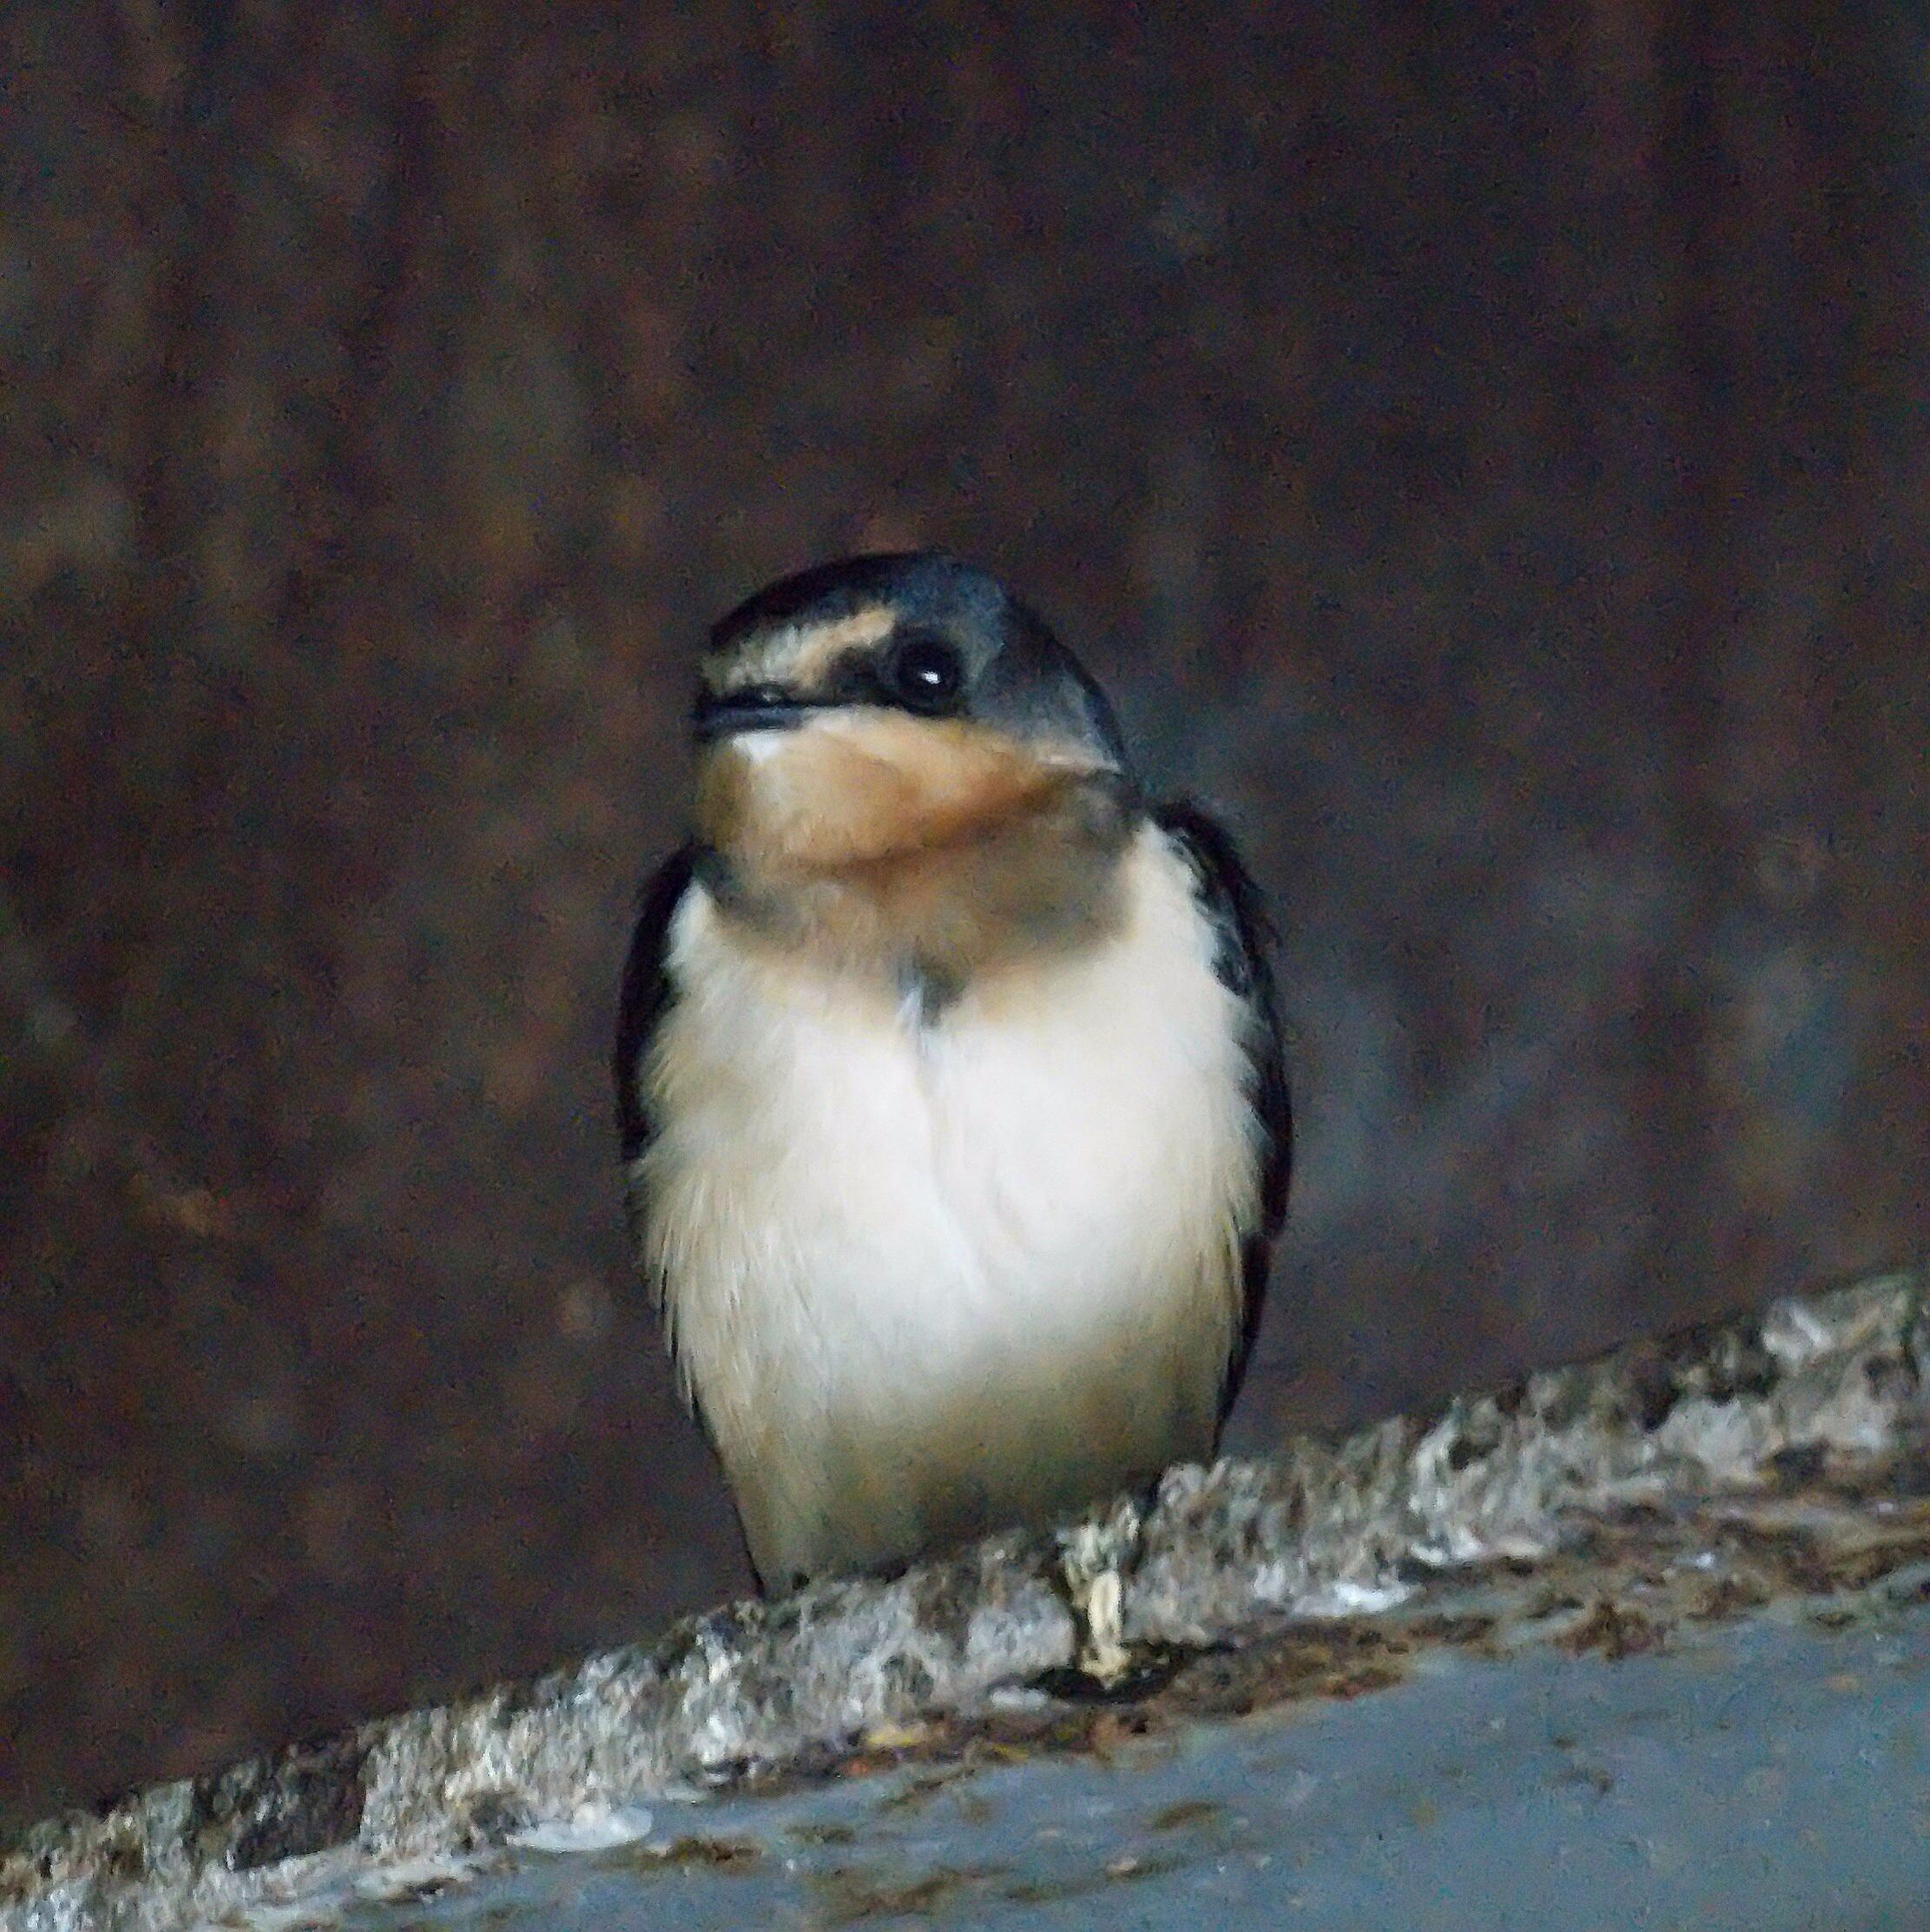 """Deformed Beaks & other Increased """"Abnormalities"""" in ..."""